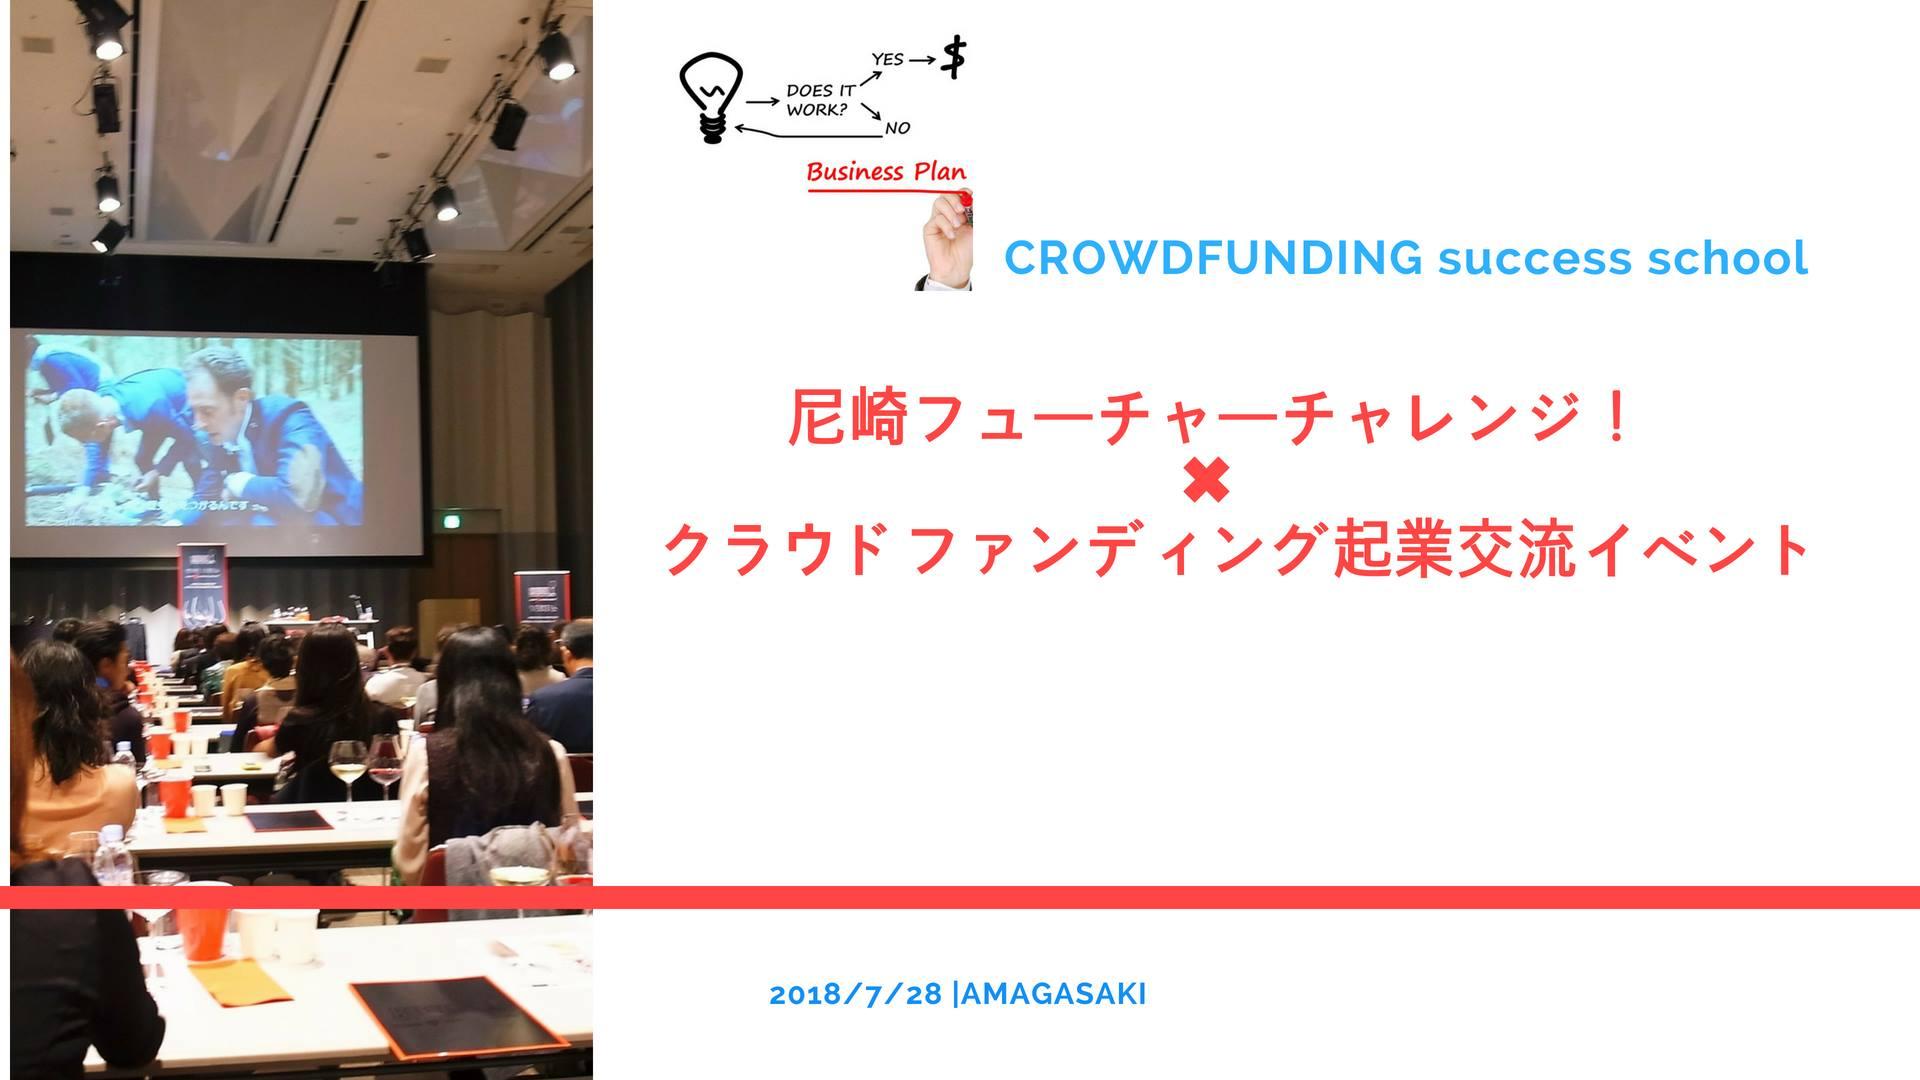 尼崎フューチャーチャレンジ×クラウドファンディング起業家交流イベント